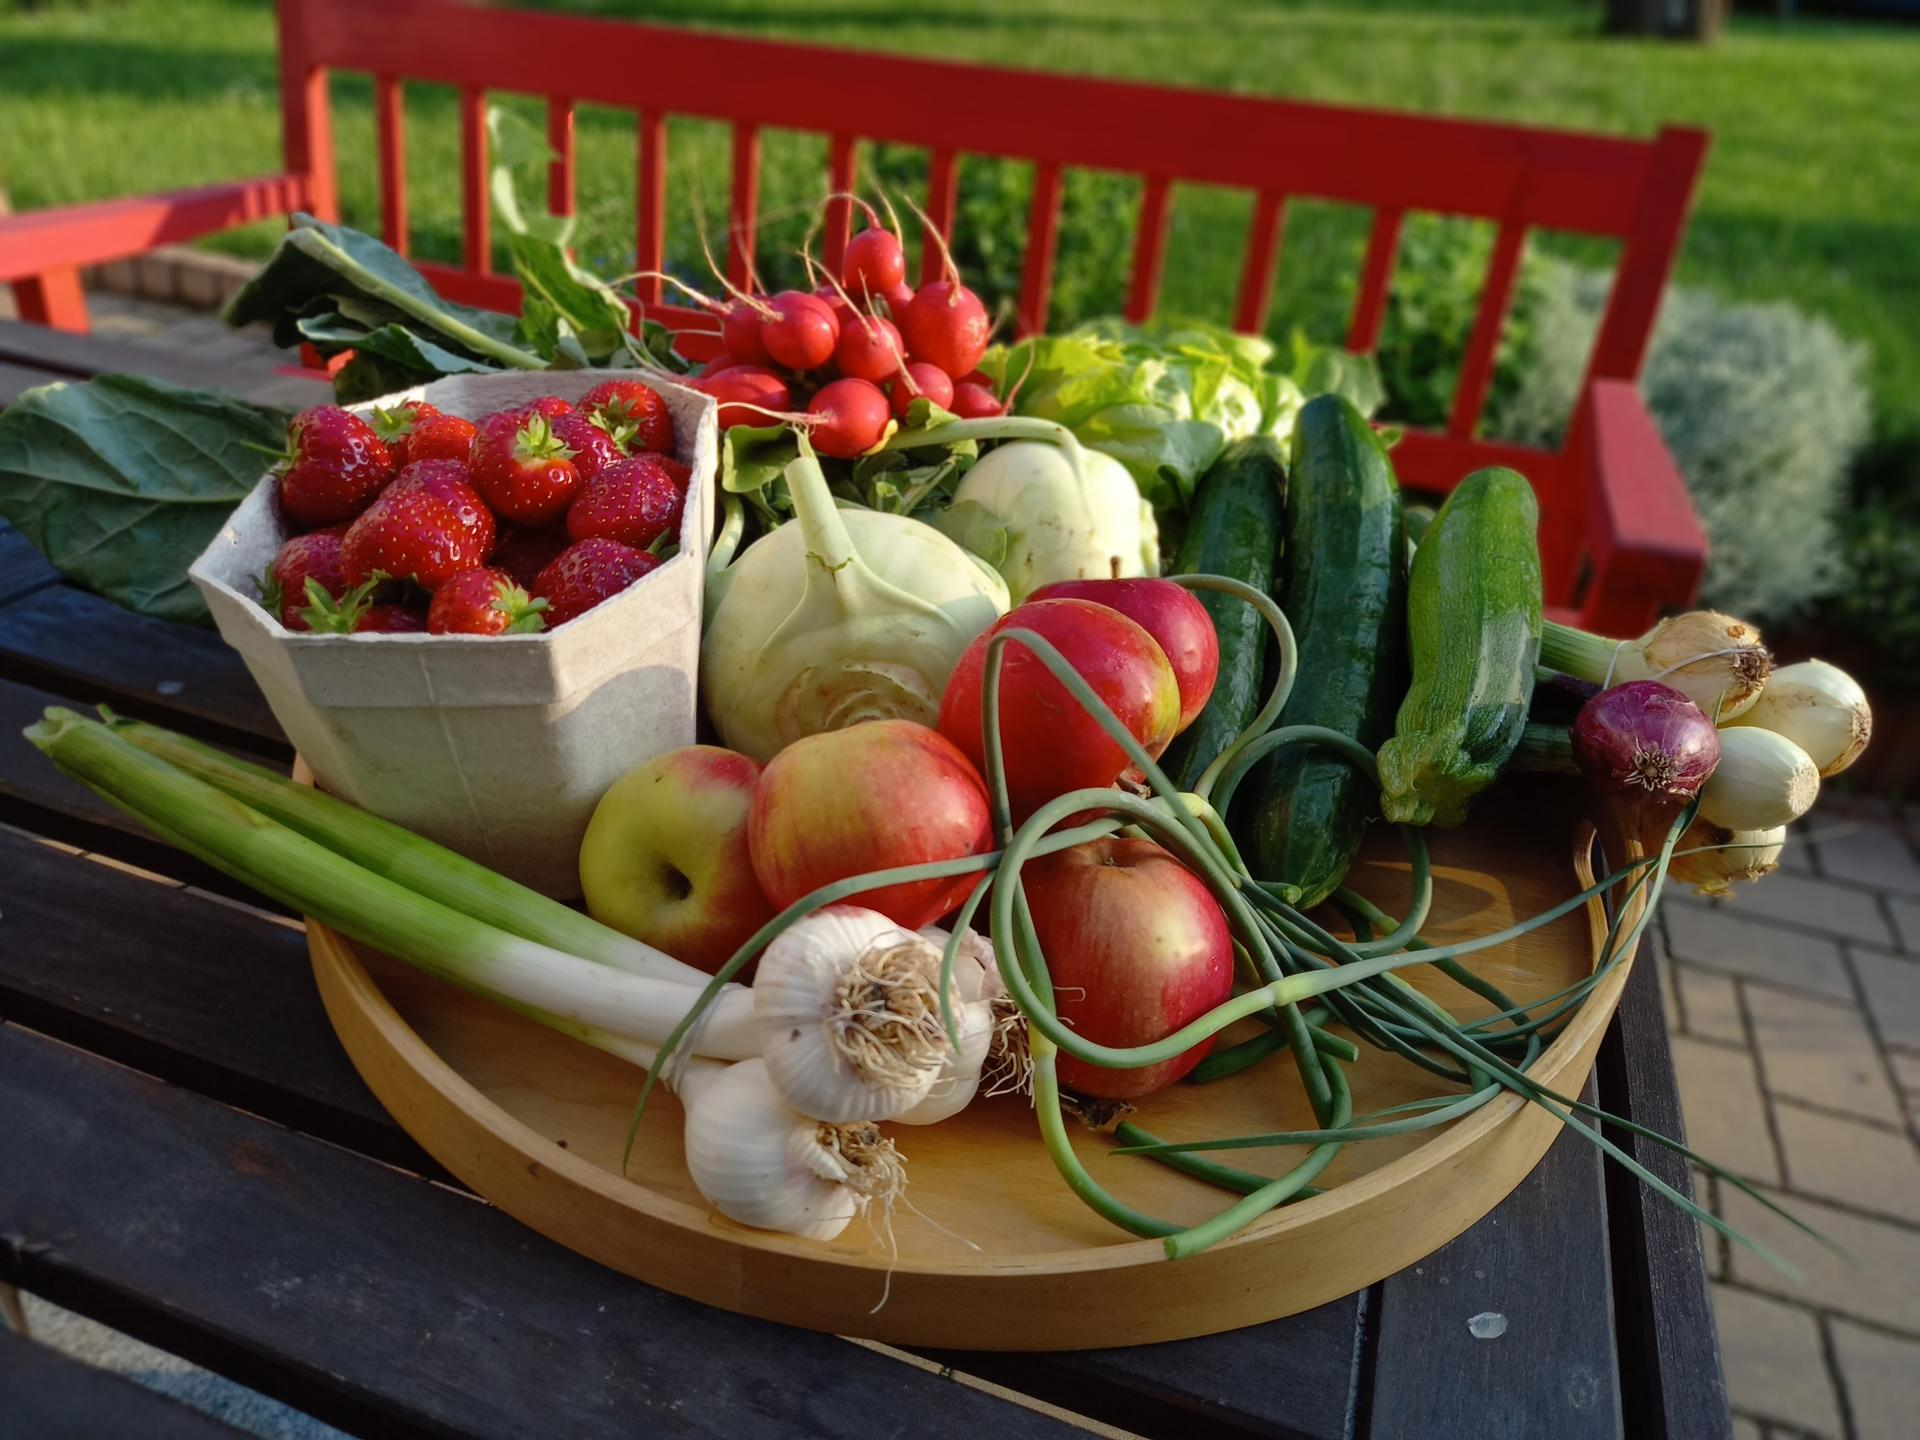 Jedlá zahrada - Než budou produkty z vlastní zahrádky,využívám farmářů a jejich Čupr bedýnky ❤